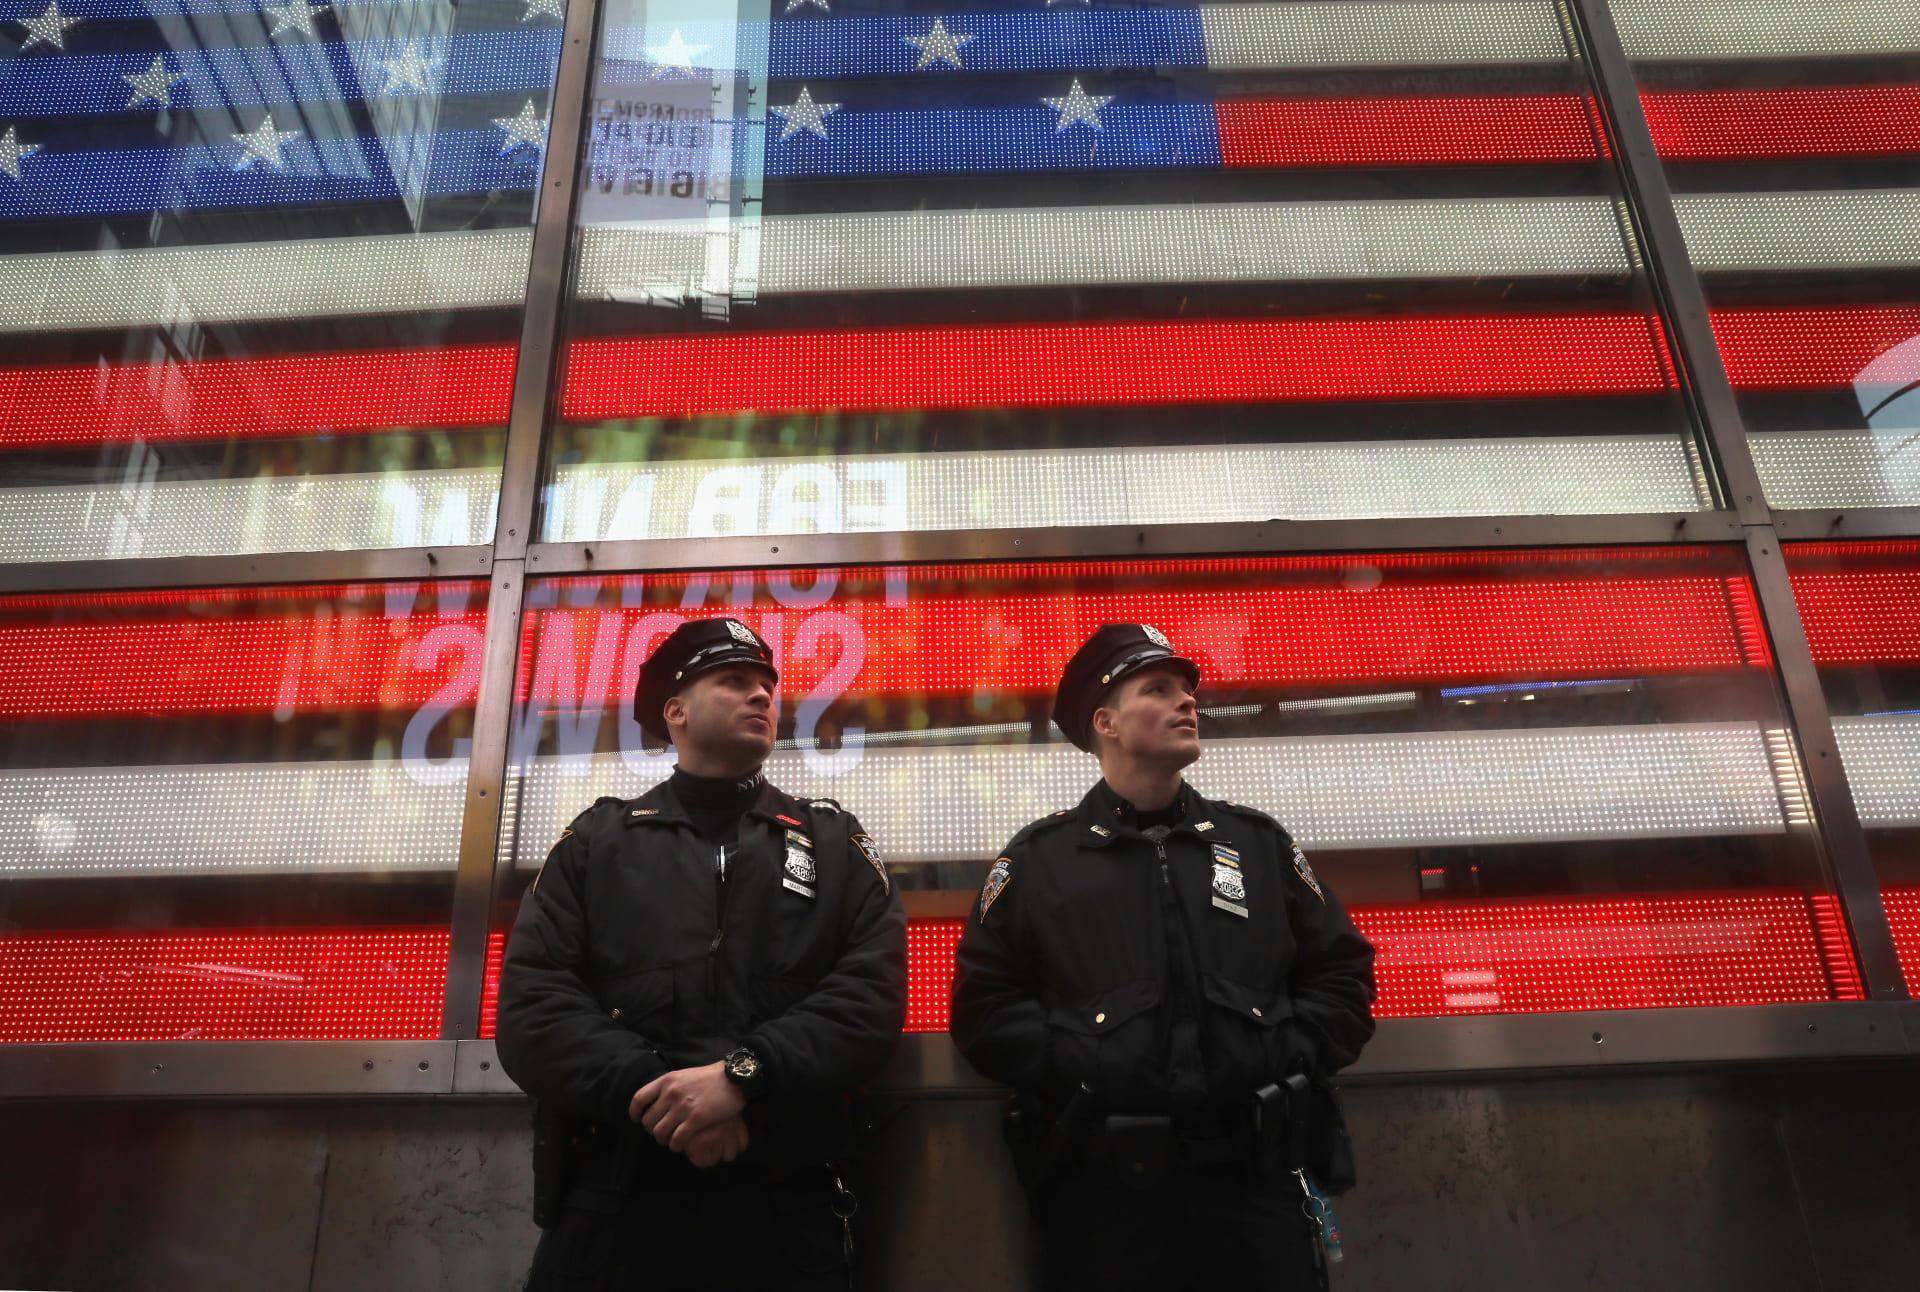 أمريكا: ضربة صاعقة لتُجار الجنس تحرر 82 قاصرة بينهم رضيعة